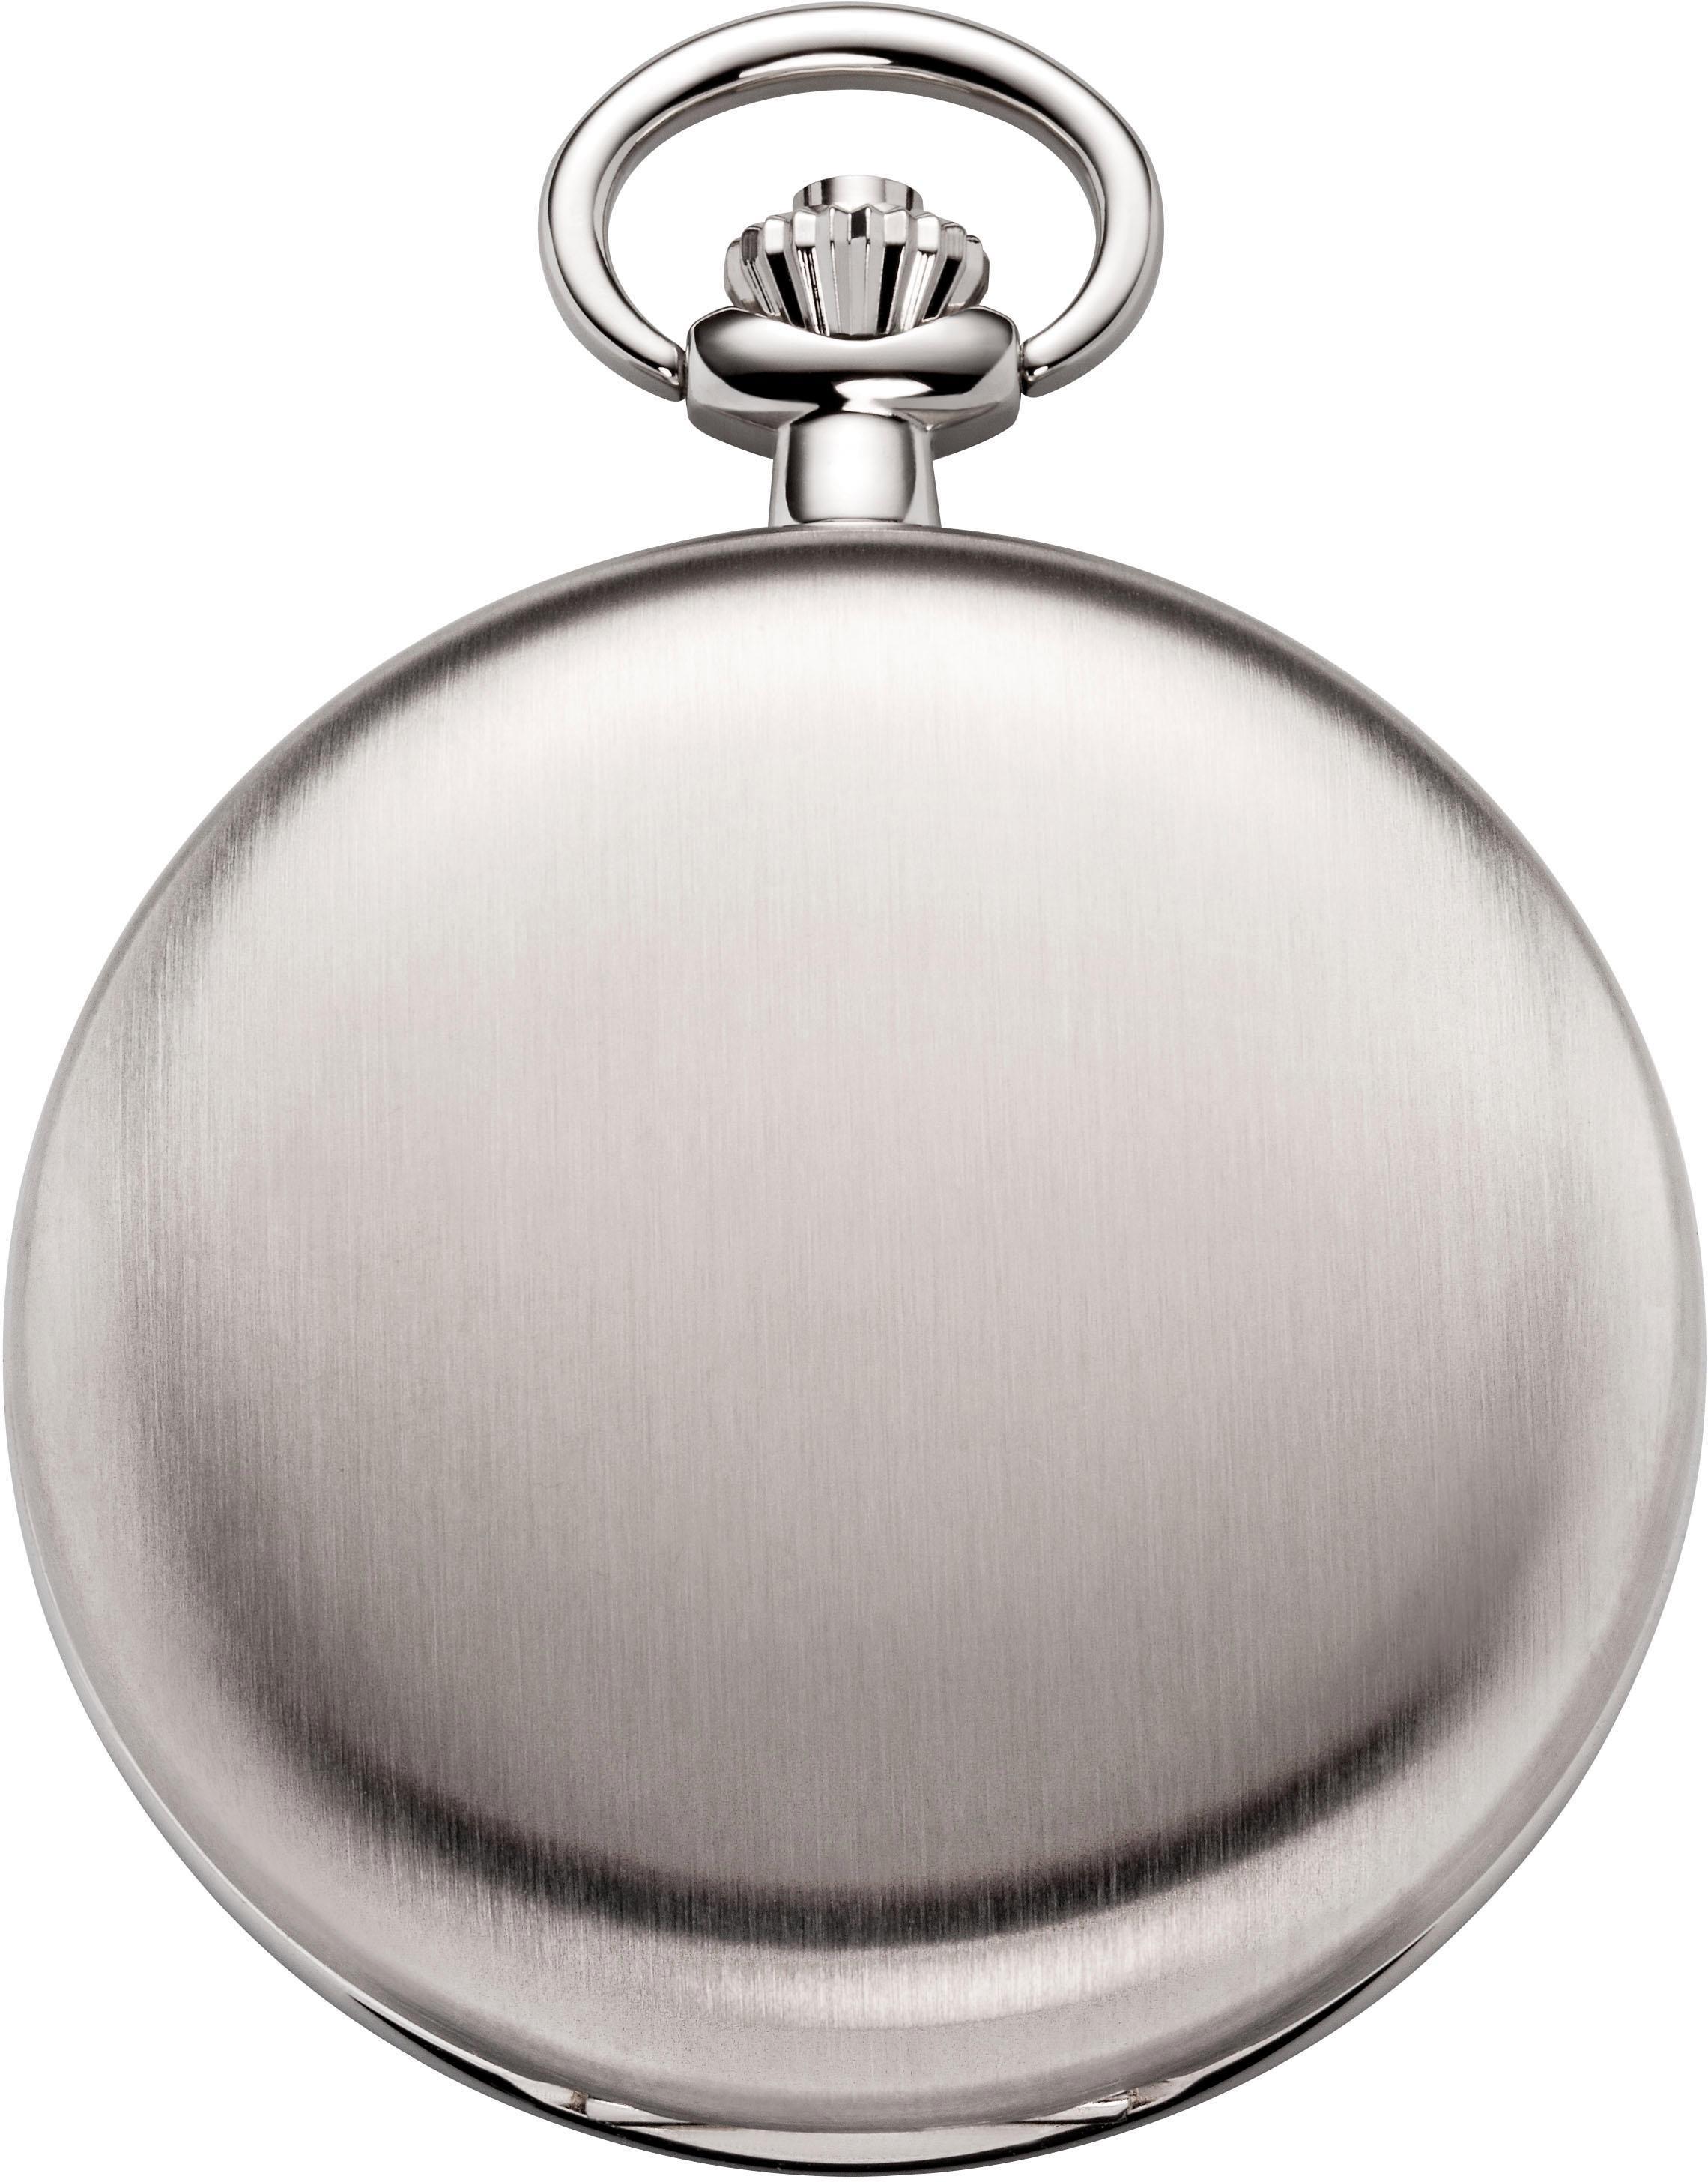 Regent Taschenuhr P63, (Set, 2 tlg., inkl. Kette) günstig online kaufen